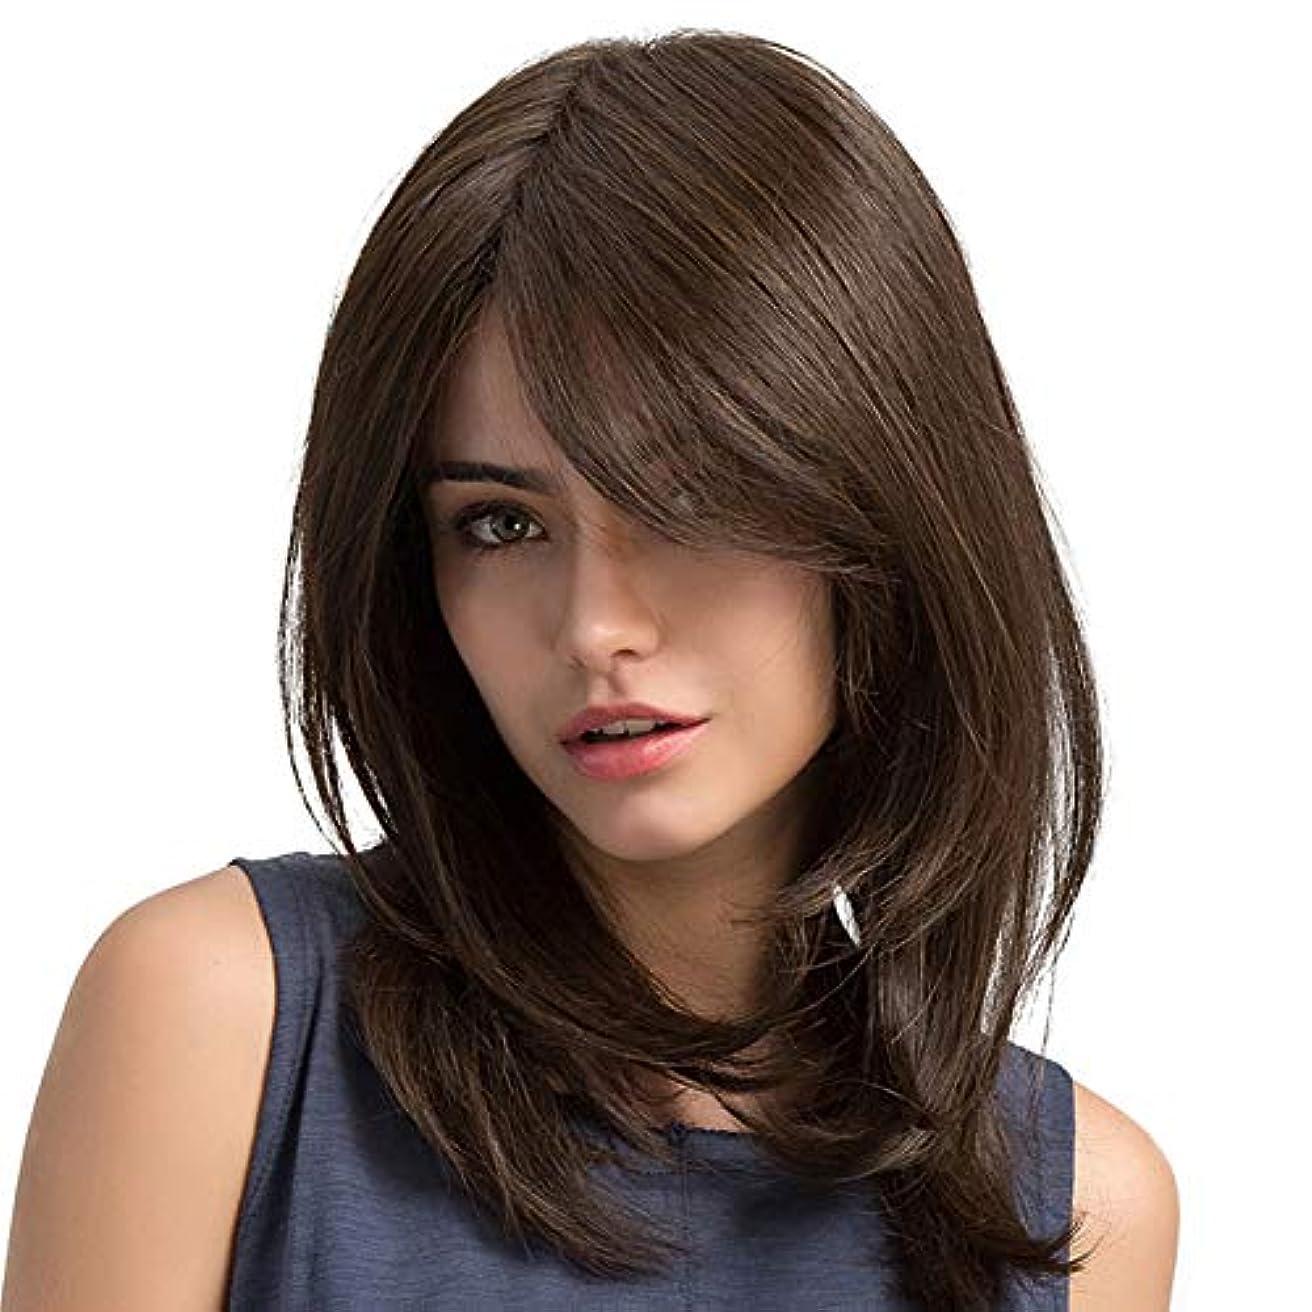 のホストすばらしいです算術ファッションかつら 茶色 波状の髪 合成ウィッグ 耐熱性